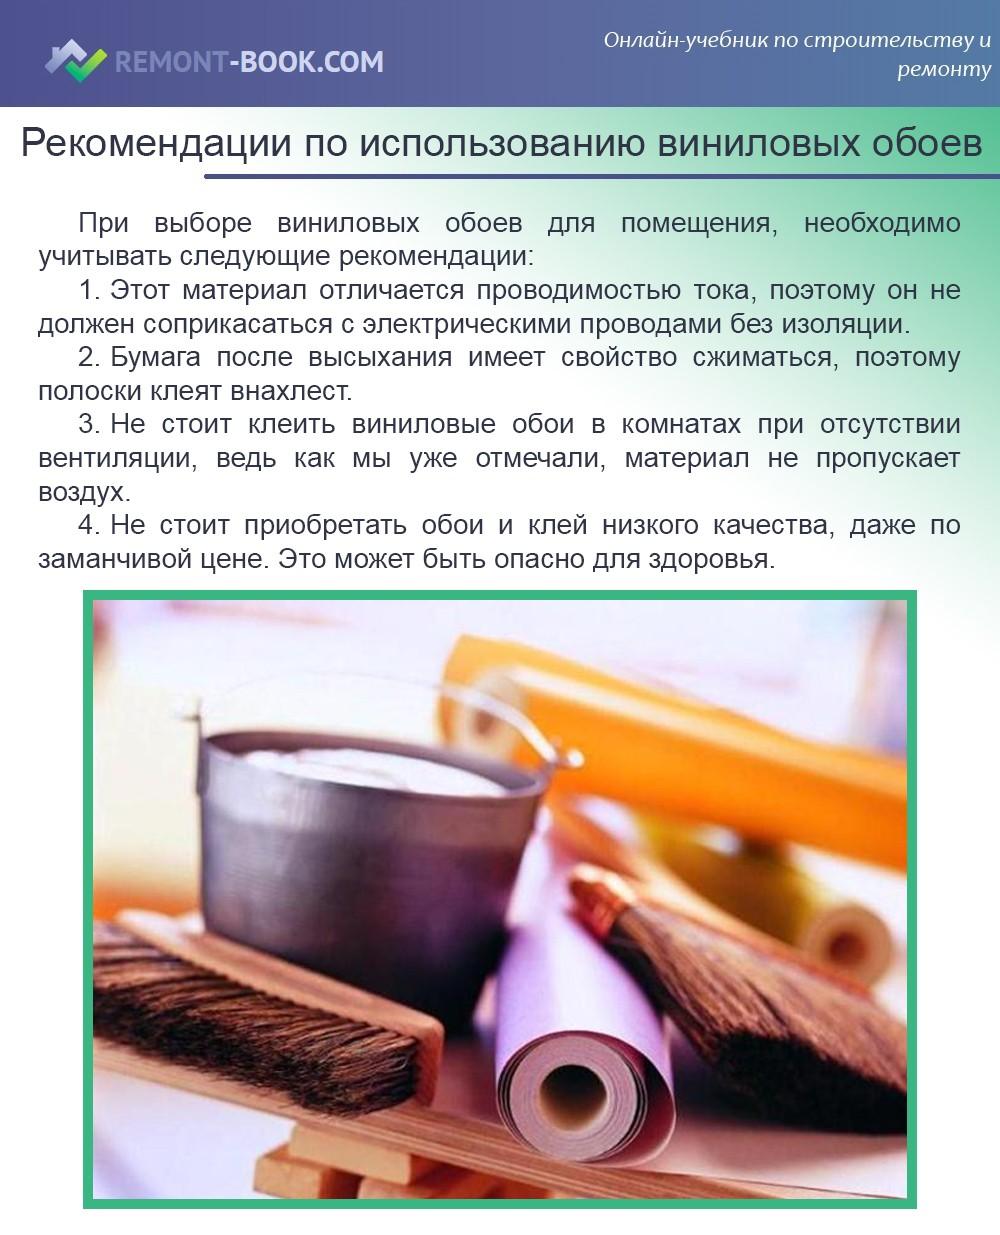 Рекомендации по использованию виниловых обоев